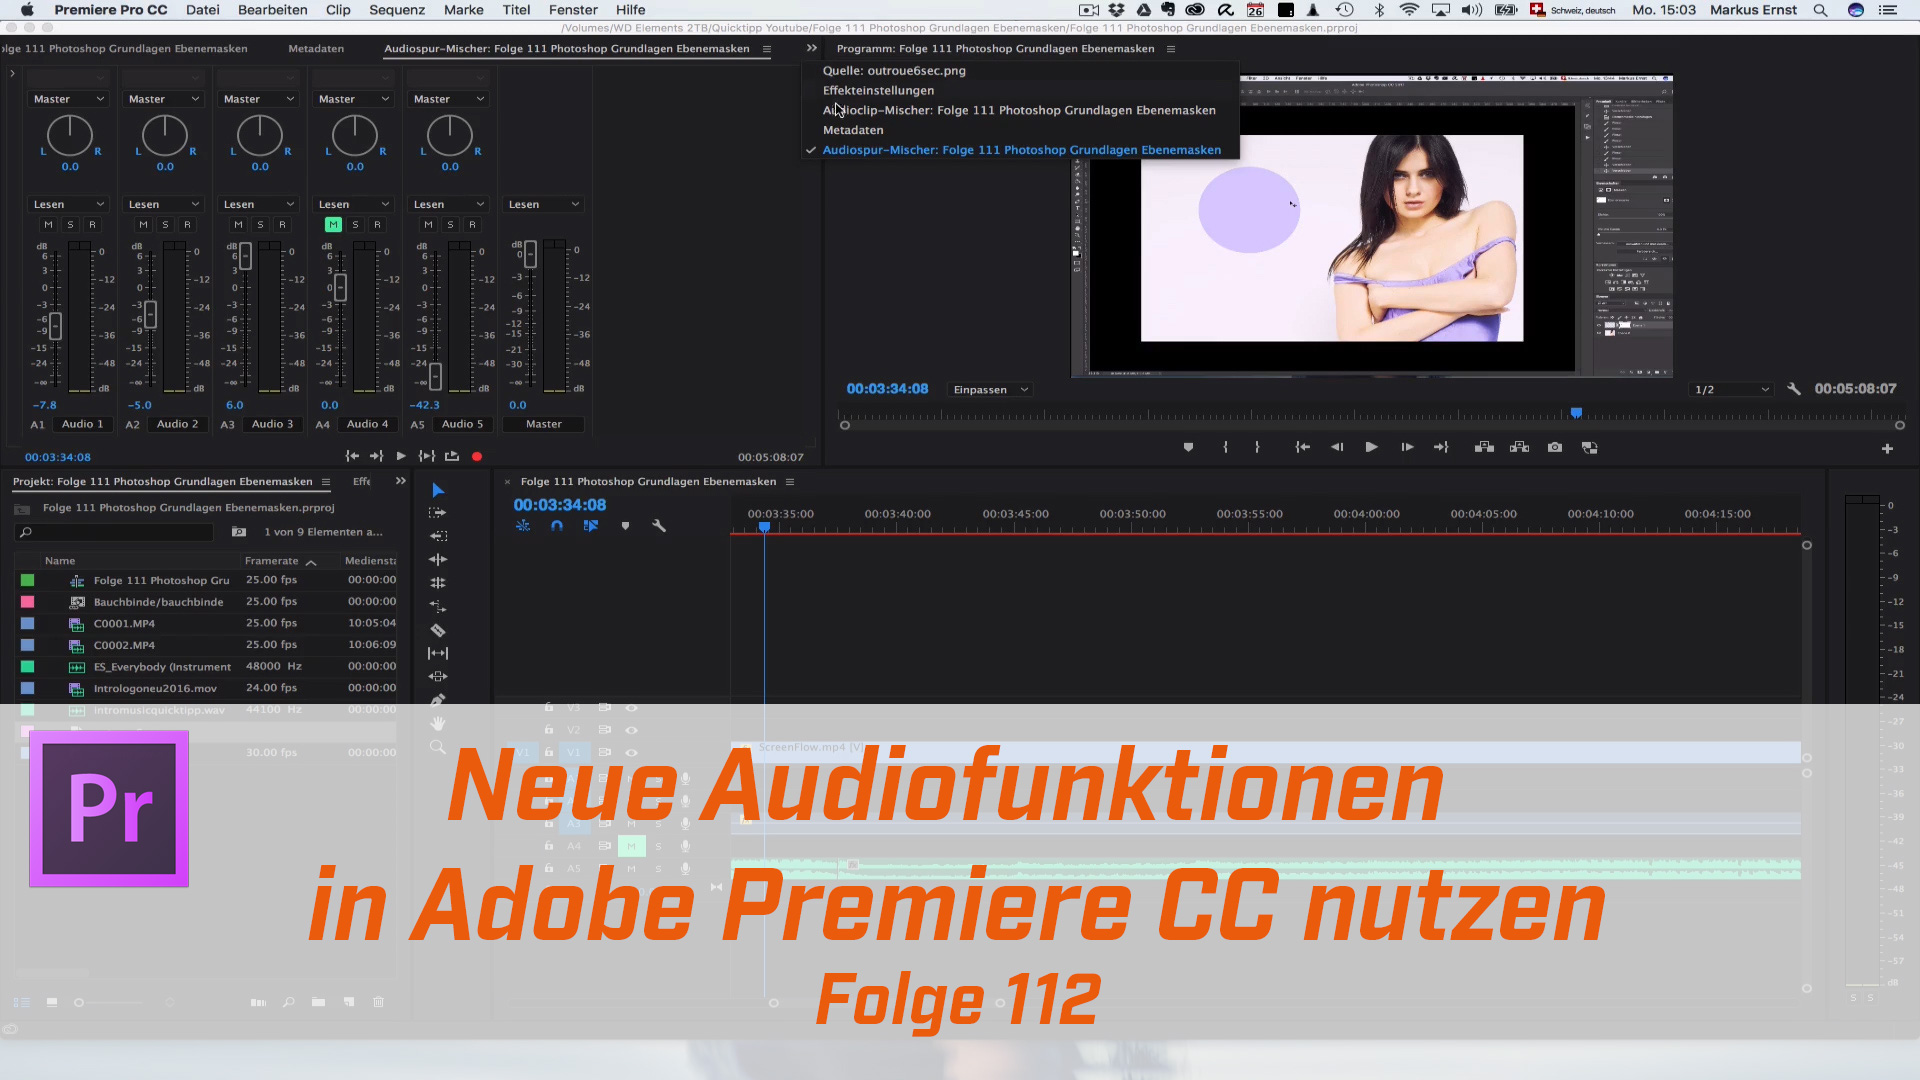 Premiere CC : Neue Audiofunktion